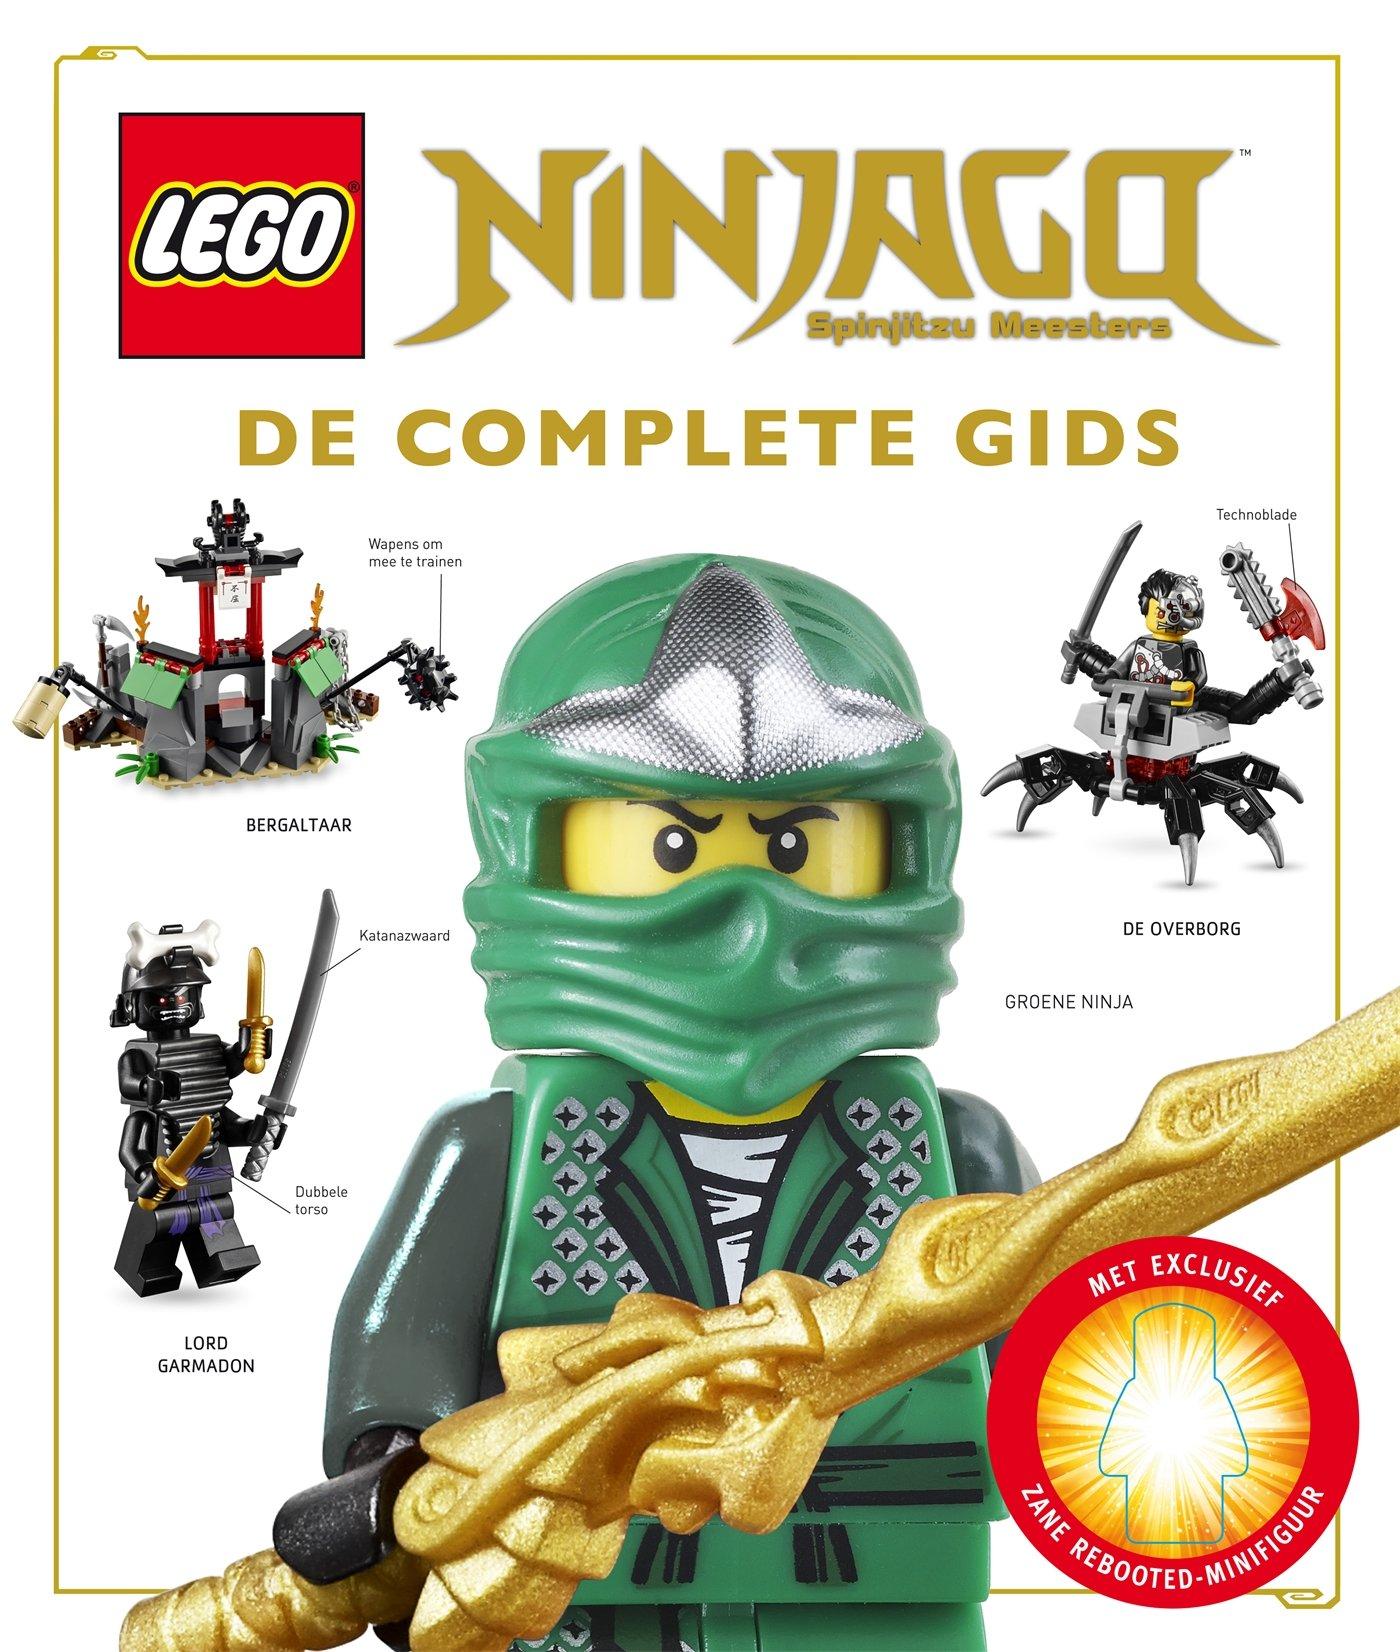 Lego Ninjago Spinjitzu meesters: de complete gids: Amazon.es ...